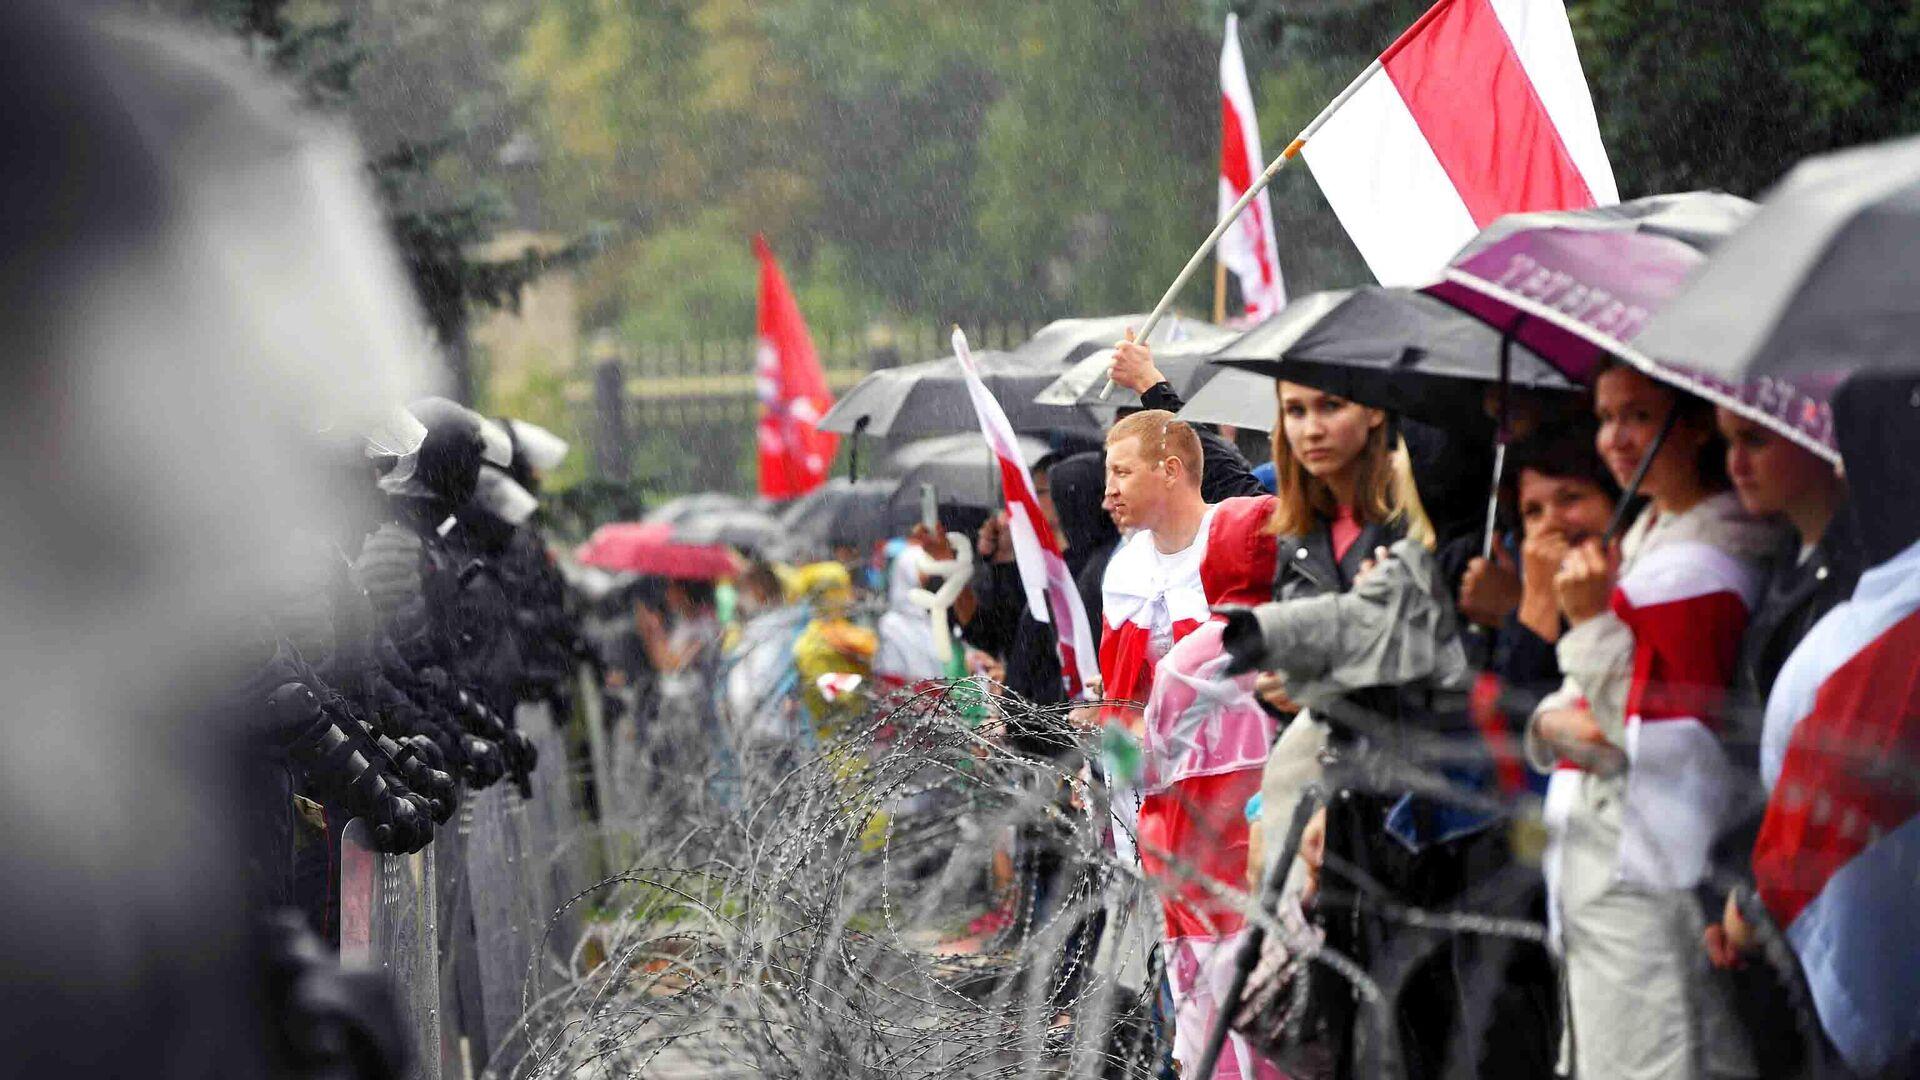 Участники акции и сотрудники милиции на одной из улиц в Минске - РИА Новости, 1920, 16.09.2020